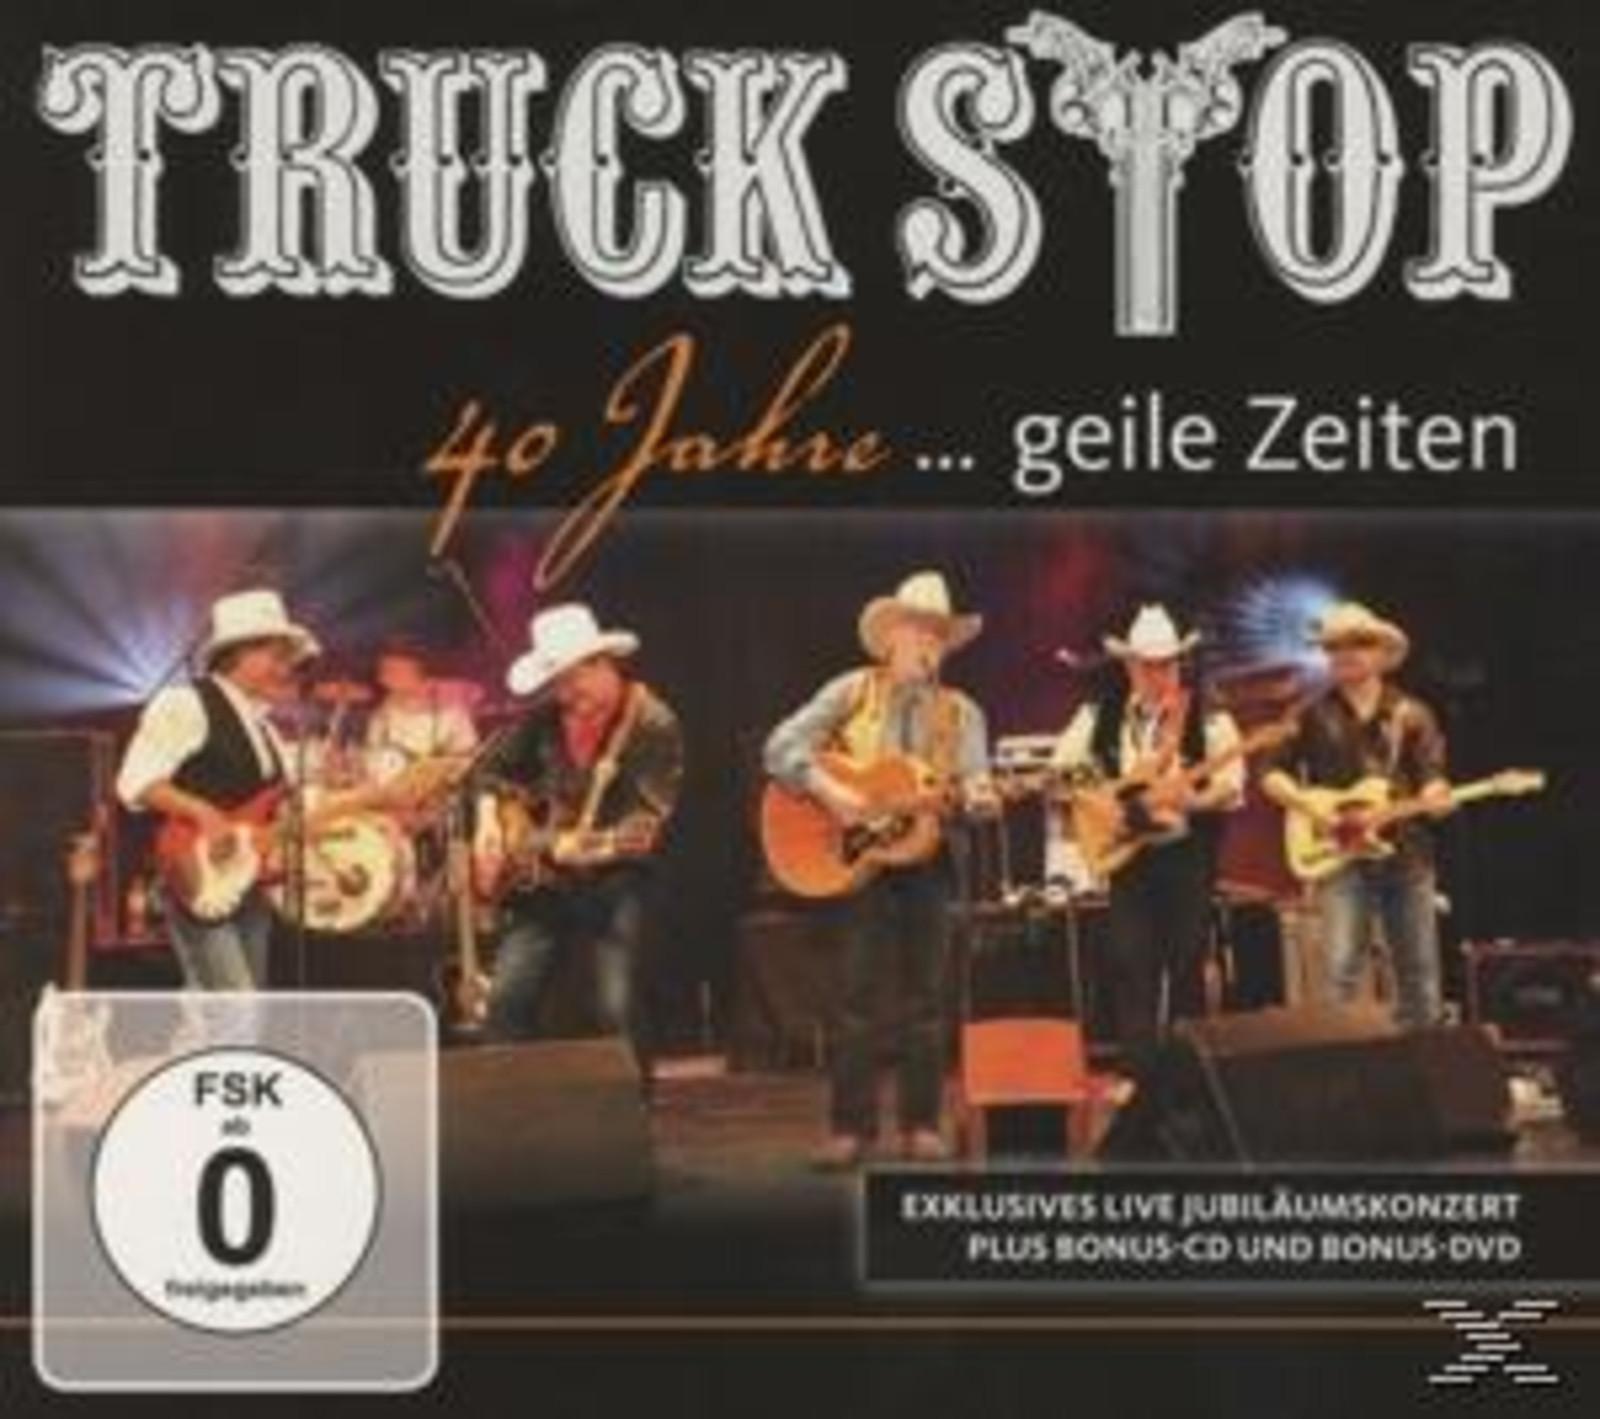 Truck Stop - 40 Jahre...Geile Zeiten - (CD)